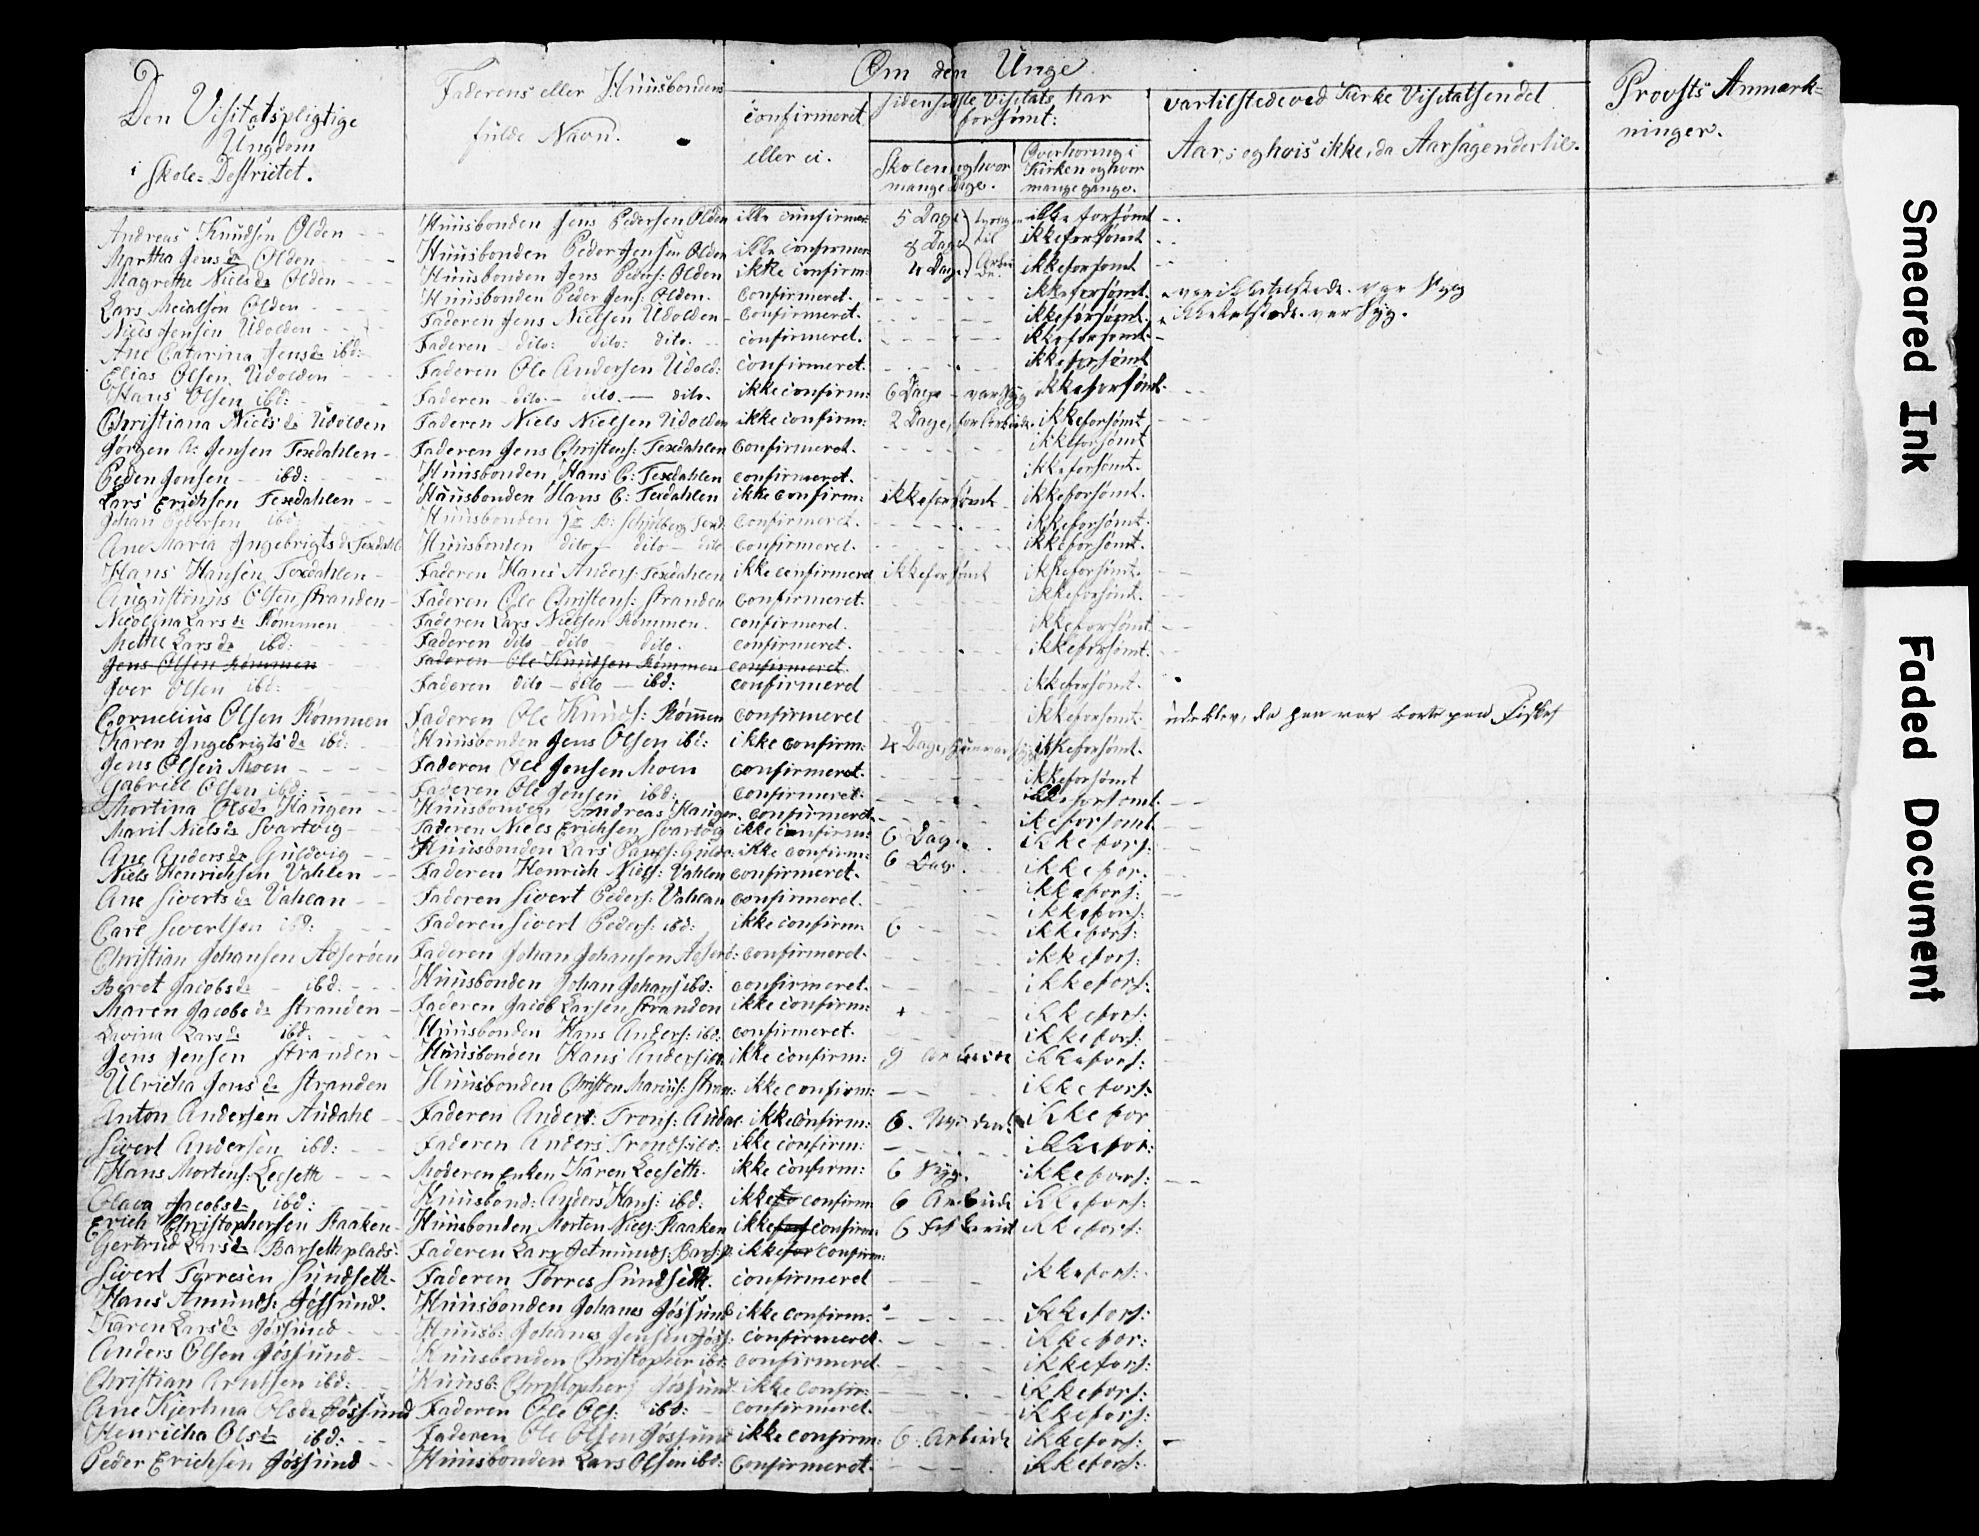 SAT, Fosen prosti*, 1826-1827